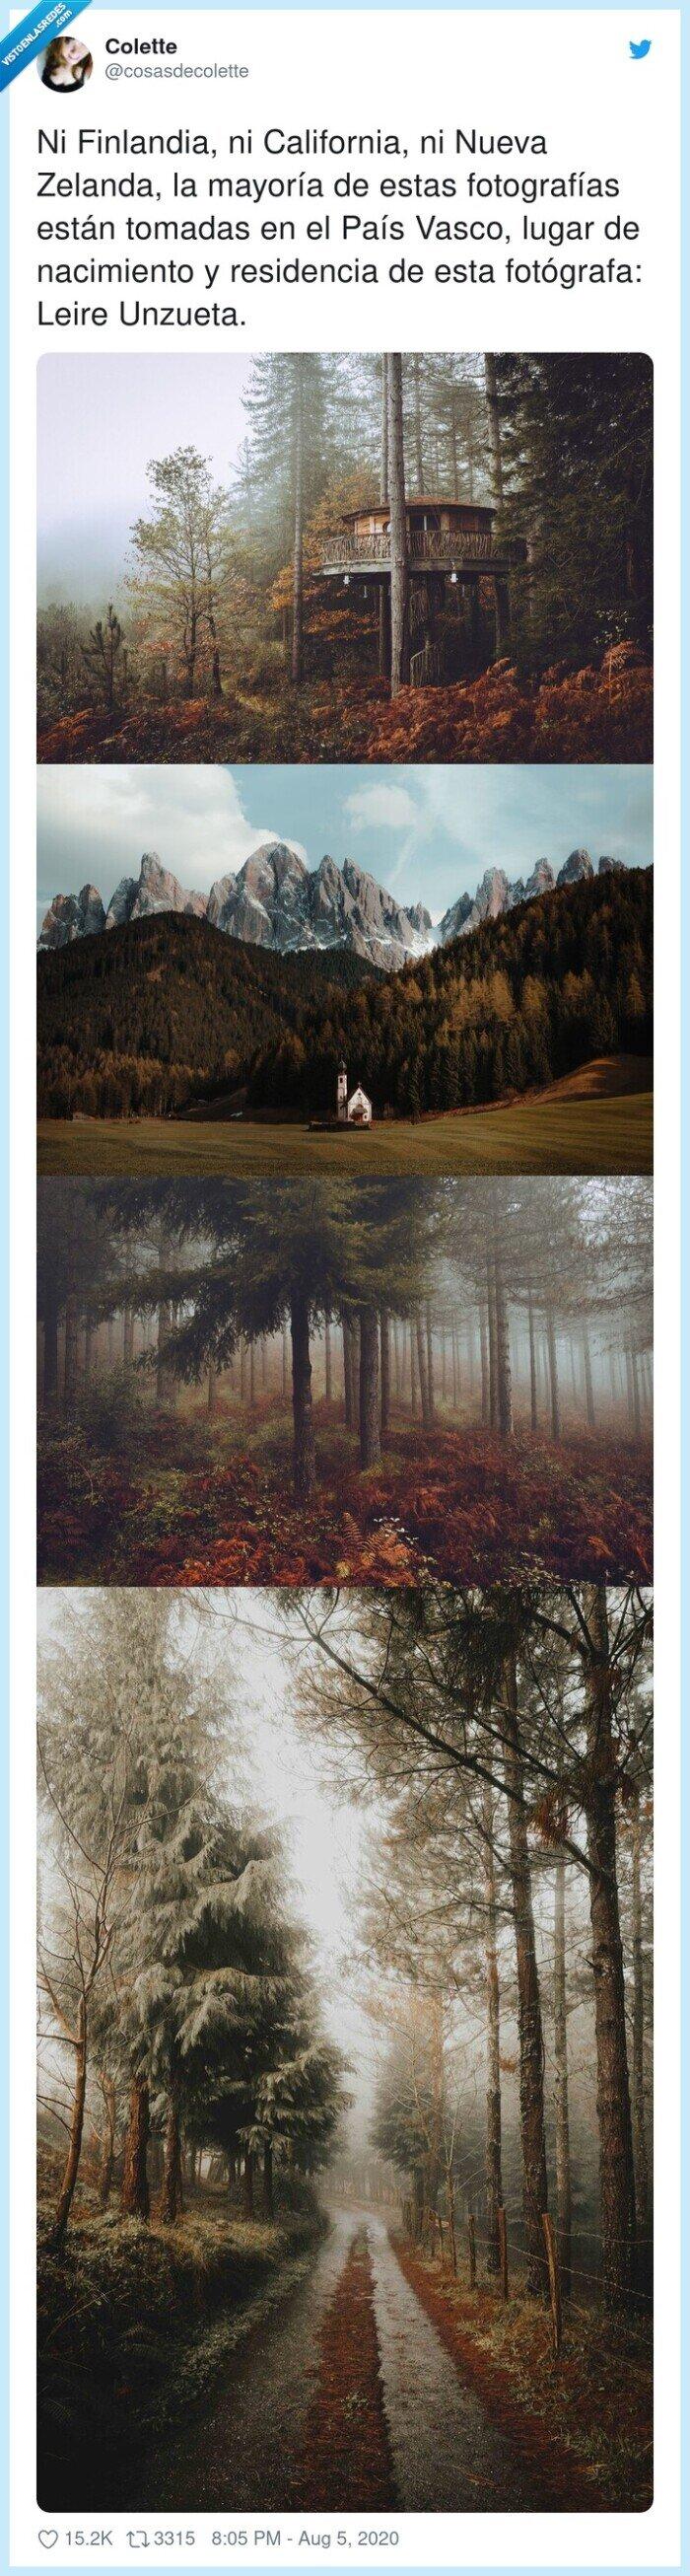 finlandia,fotógrafa,fotografías,nacimiento,país,residencia,vasco